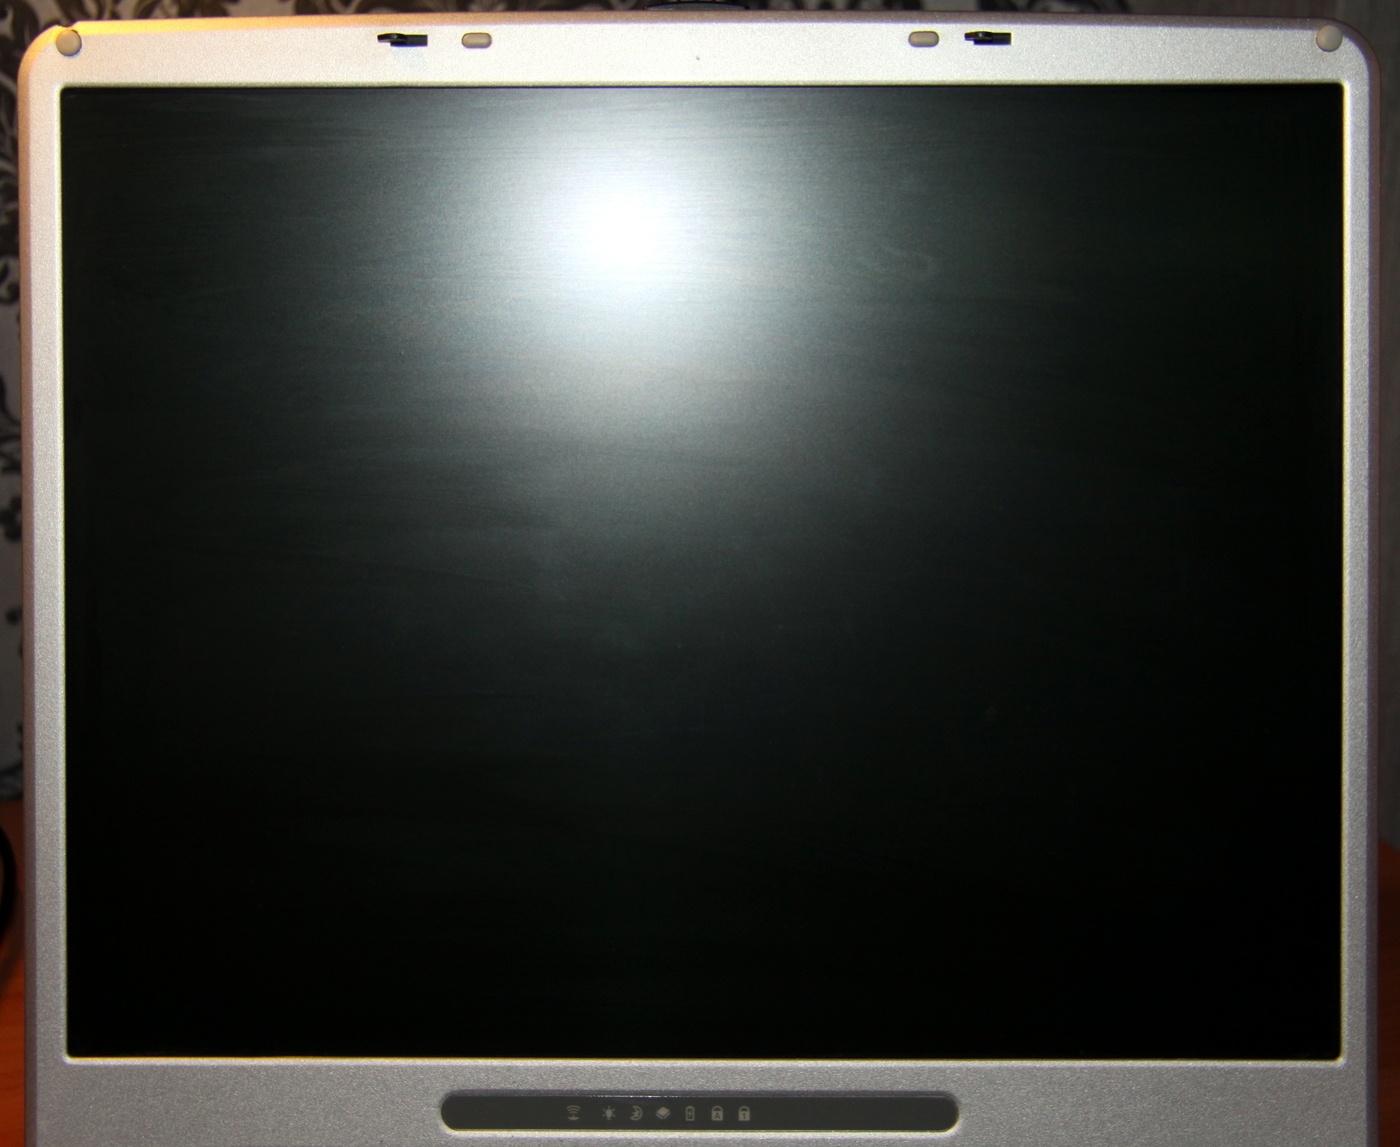 Обзор отечественного ноутбука iRU Brava-4215COMBO, выпущенного в 2004 году (Часть 1) - 10